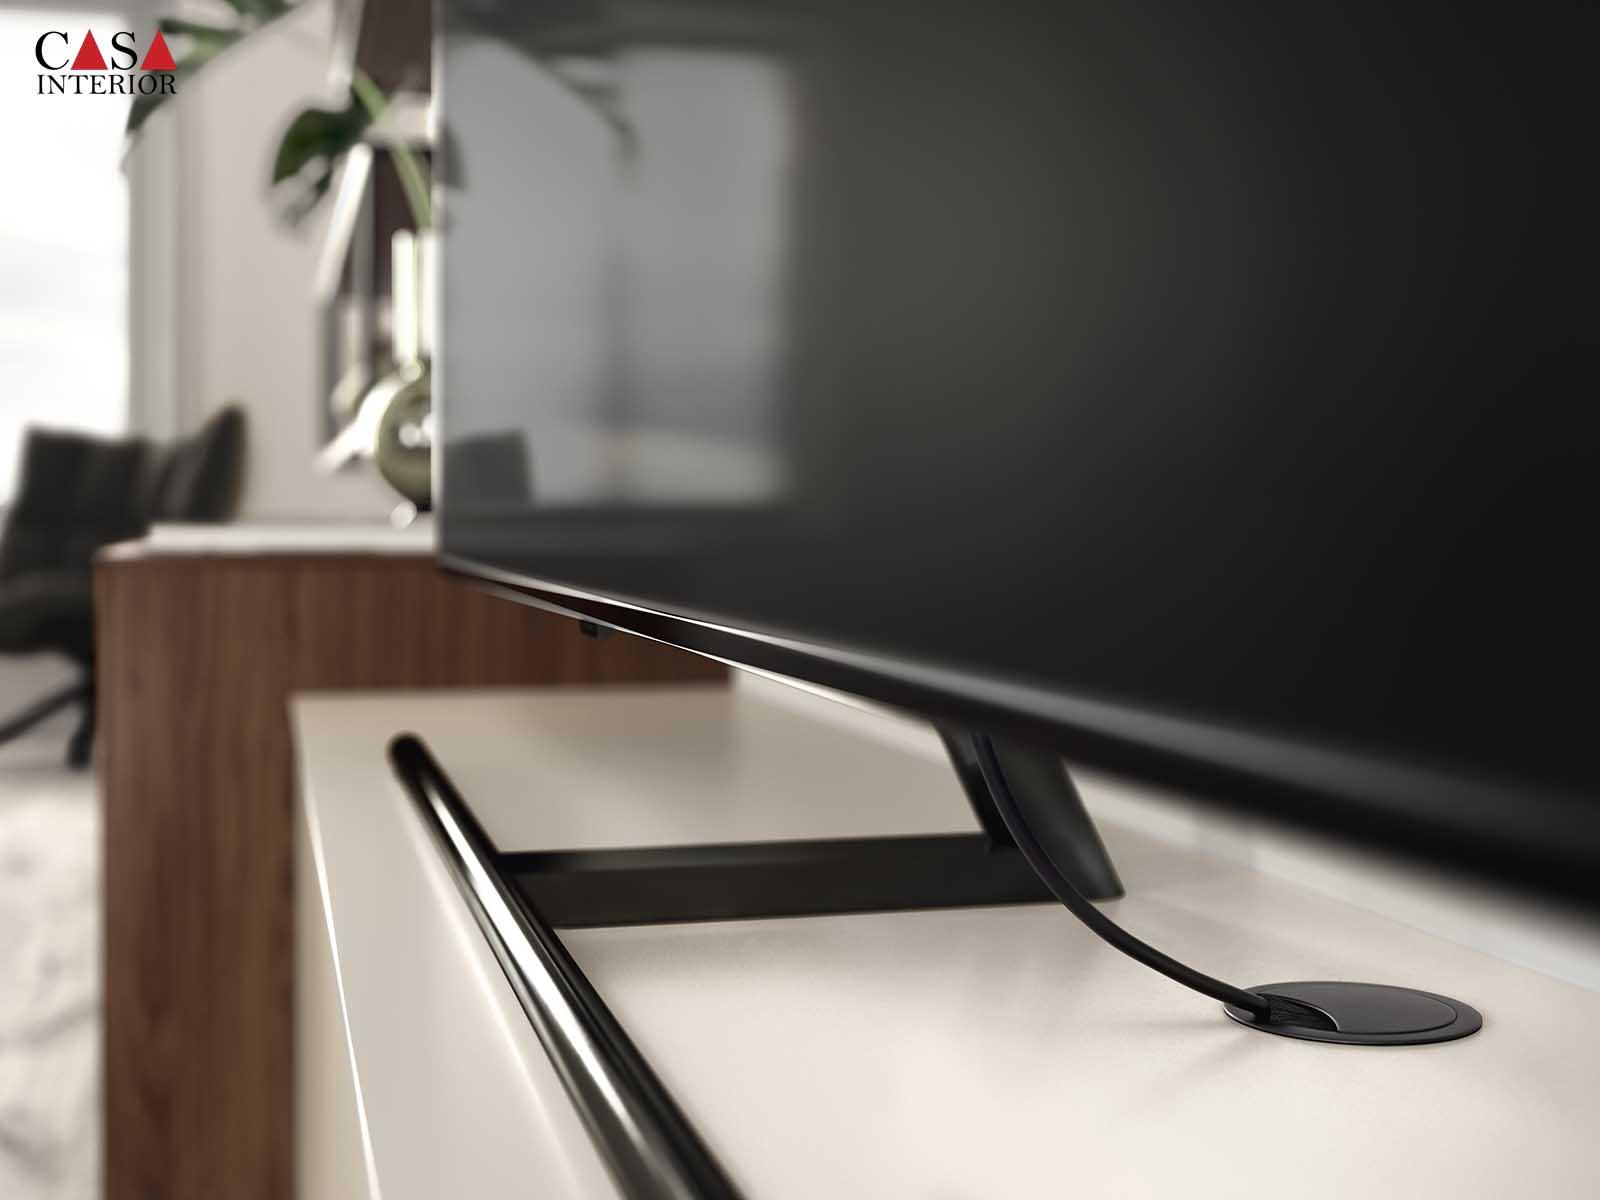 Küchentime Easytouch 969 - Livingroom